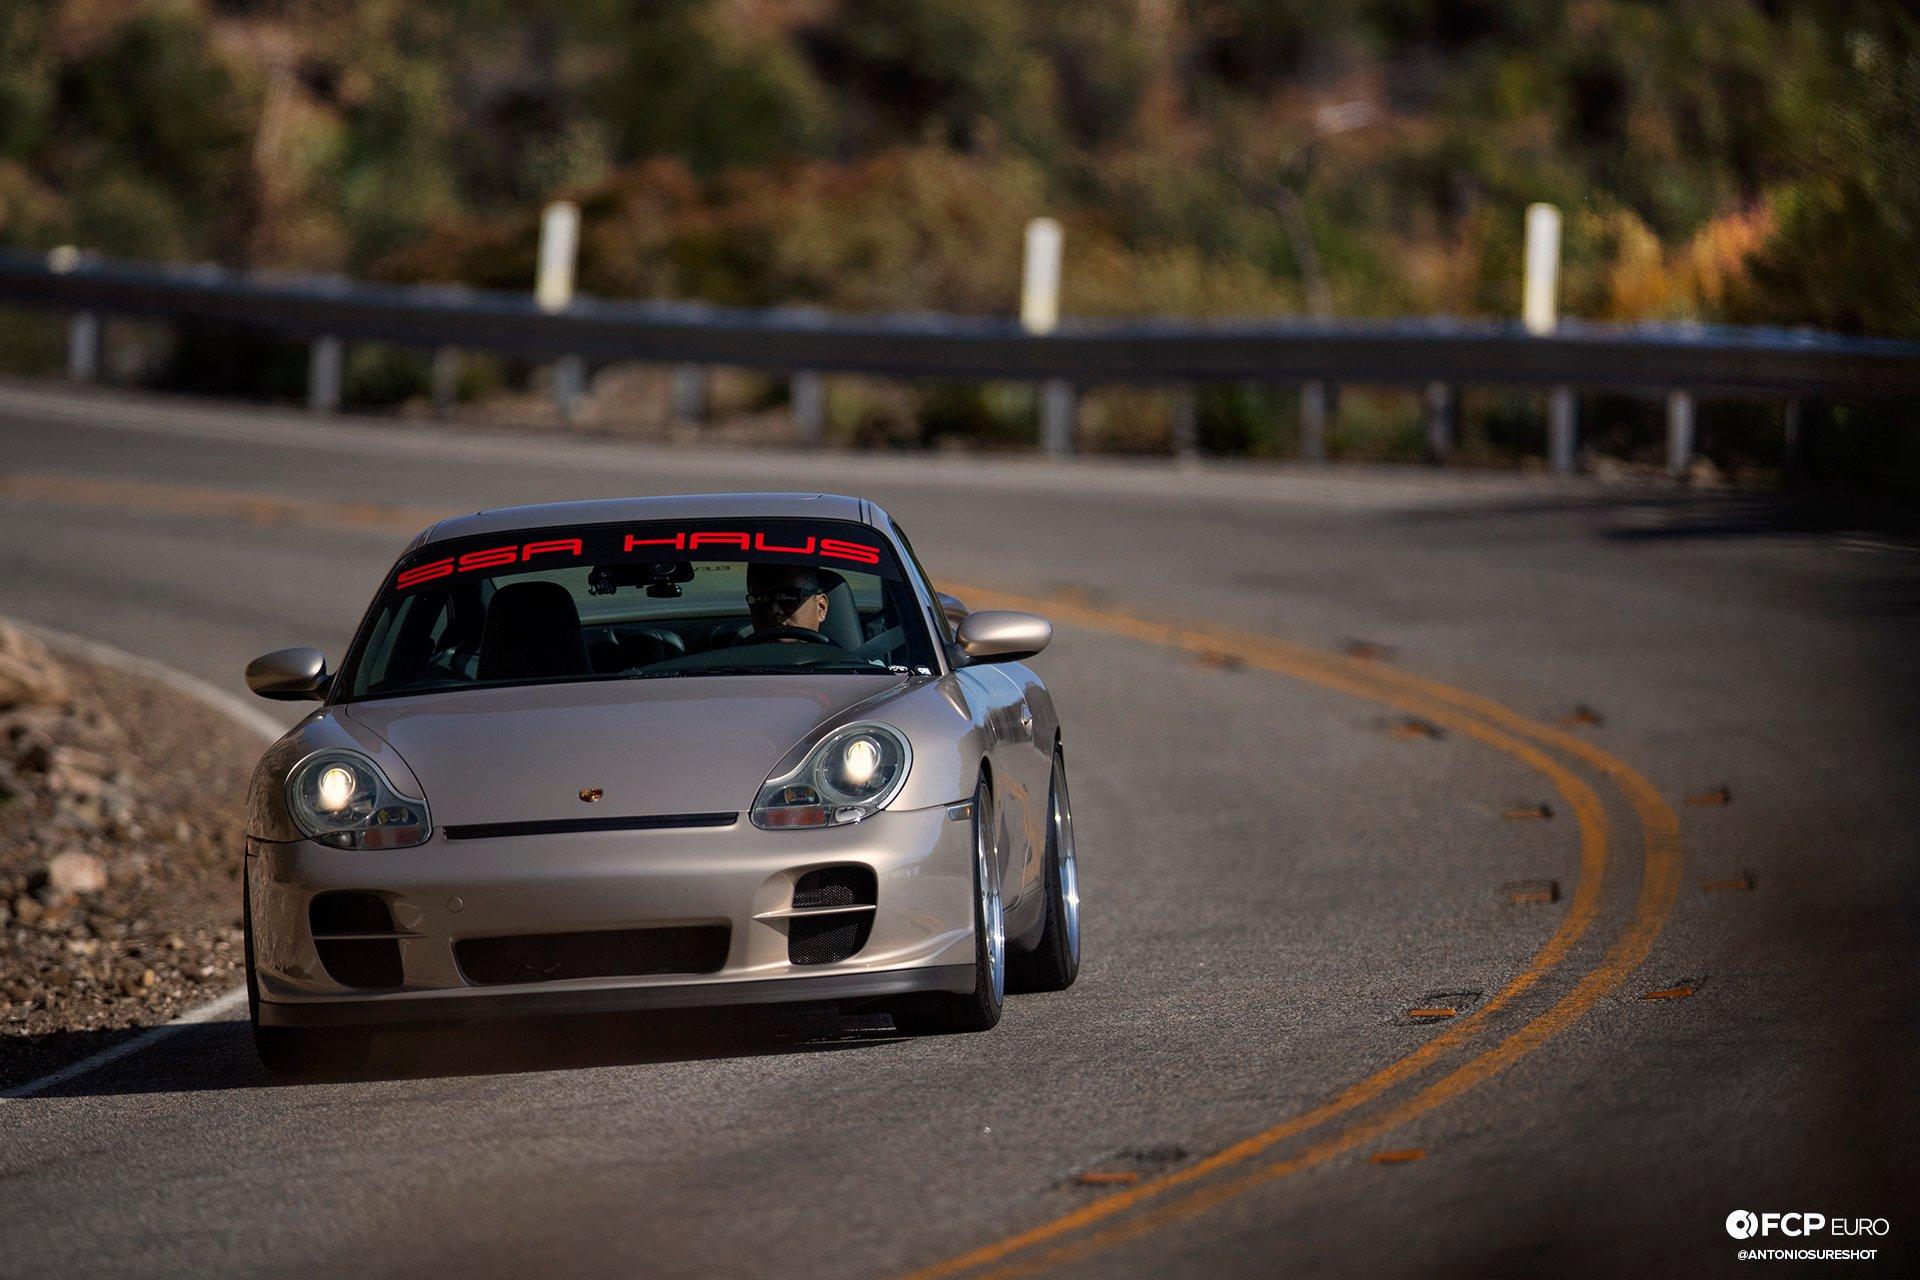 Porsche 911 996 6spd M96 Bilstein B8 Stoptech Eibach Forgestar ANT25947